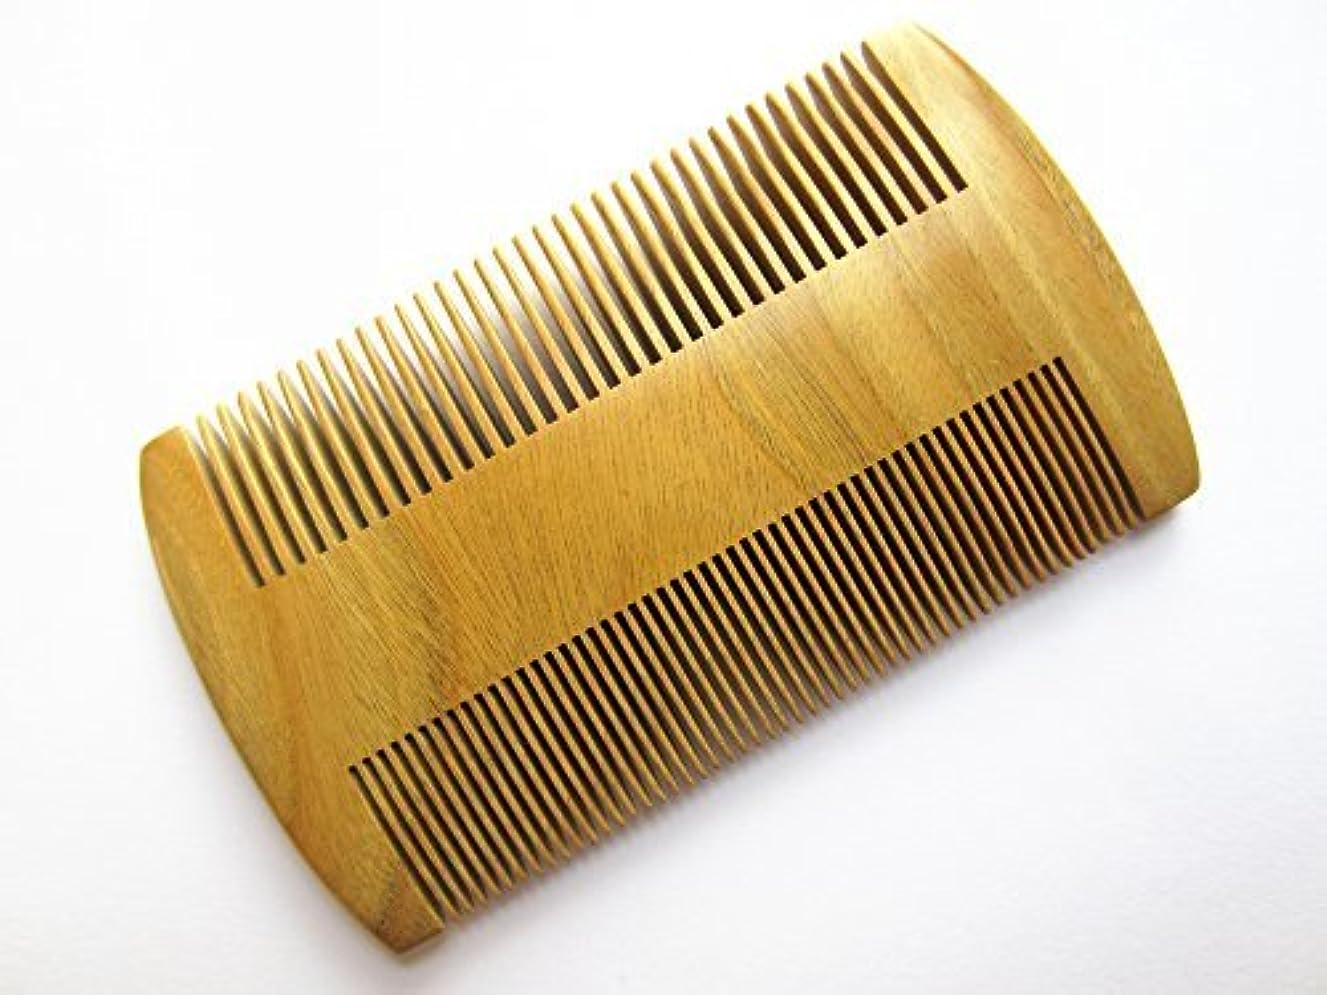 浮浪者ヤギリズミカルなMyhsmooth GS-S2M-N2F Handmade Natural Green Sandalwood No Static Pocket Comb Perfect Beard Comb with Aromatic...